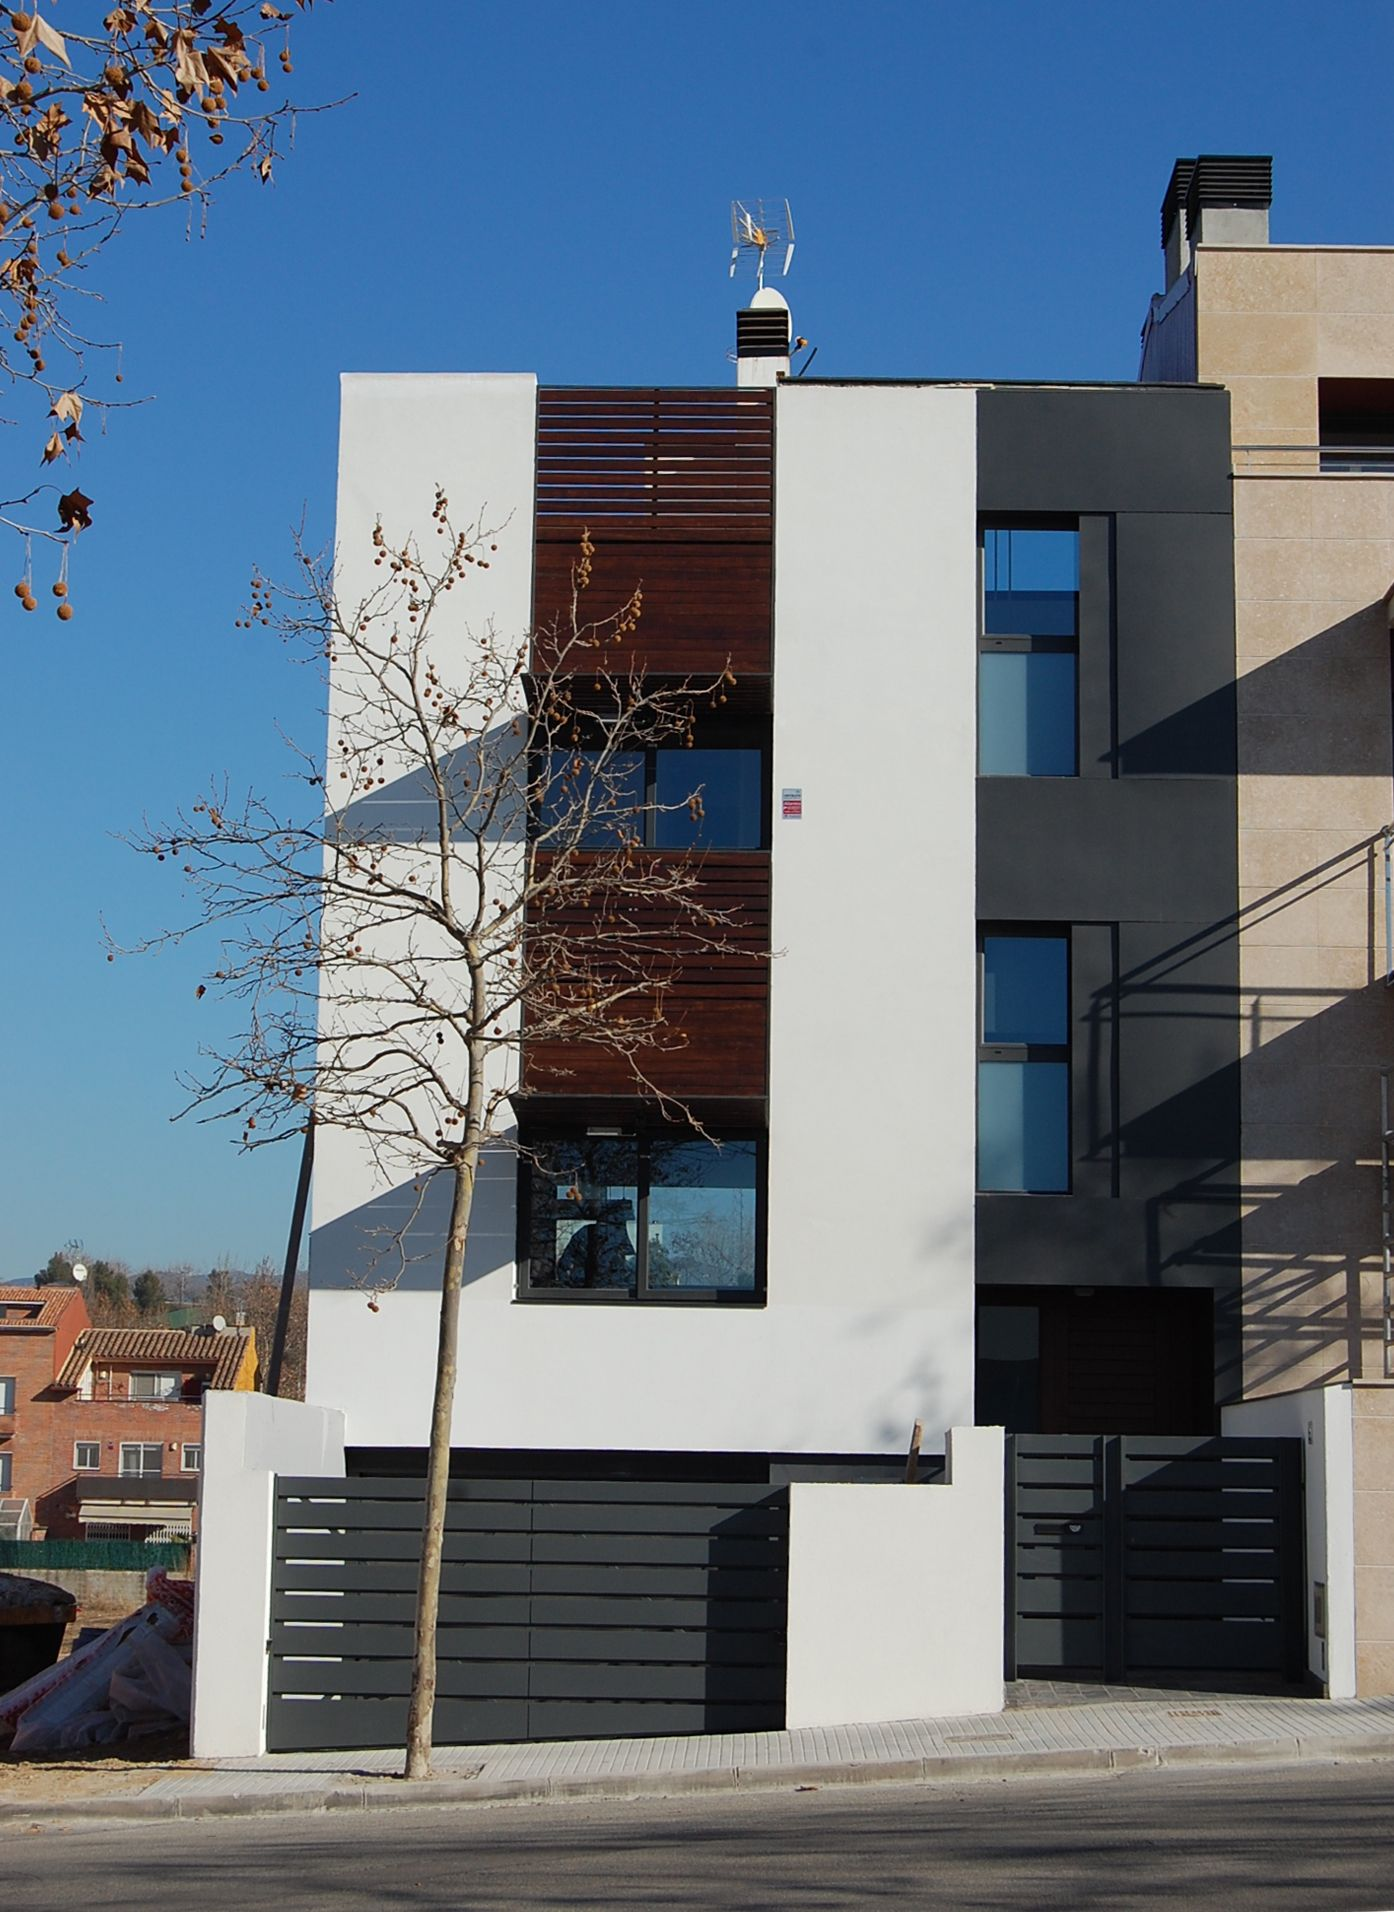 Edificios moderno exterior fachada vidrio arboles for Fachadas edificios modernos